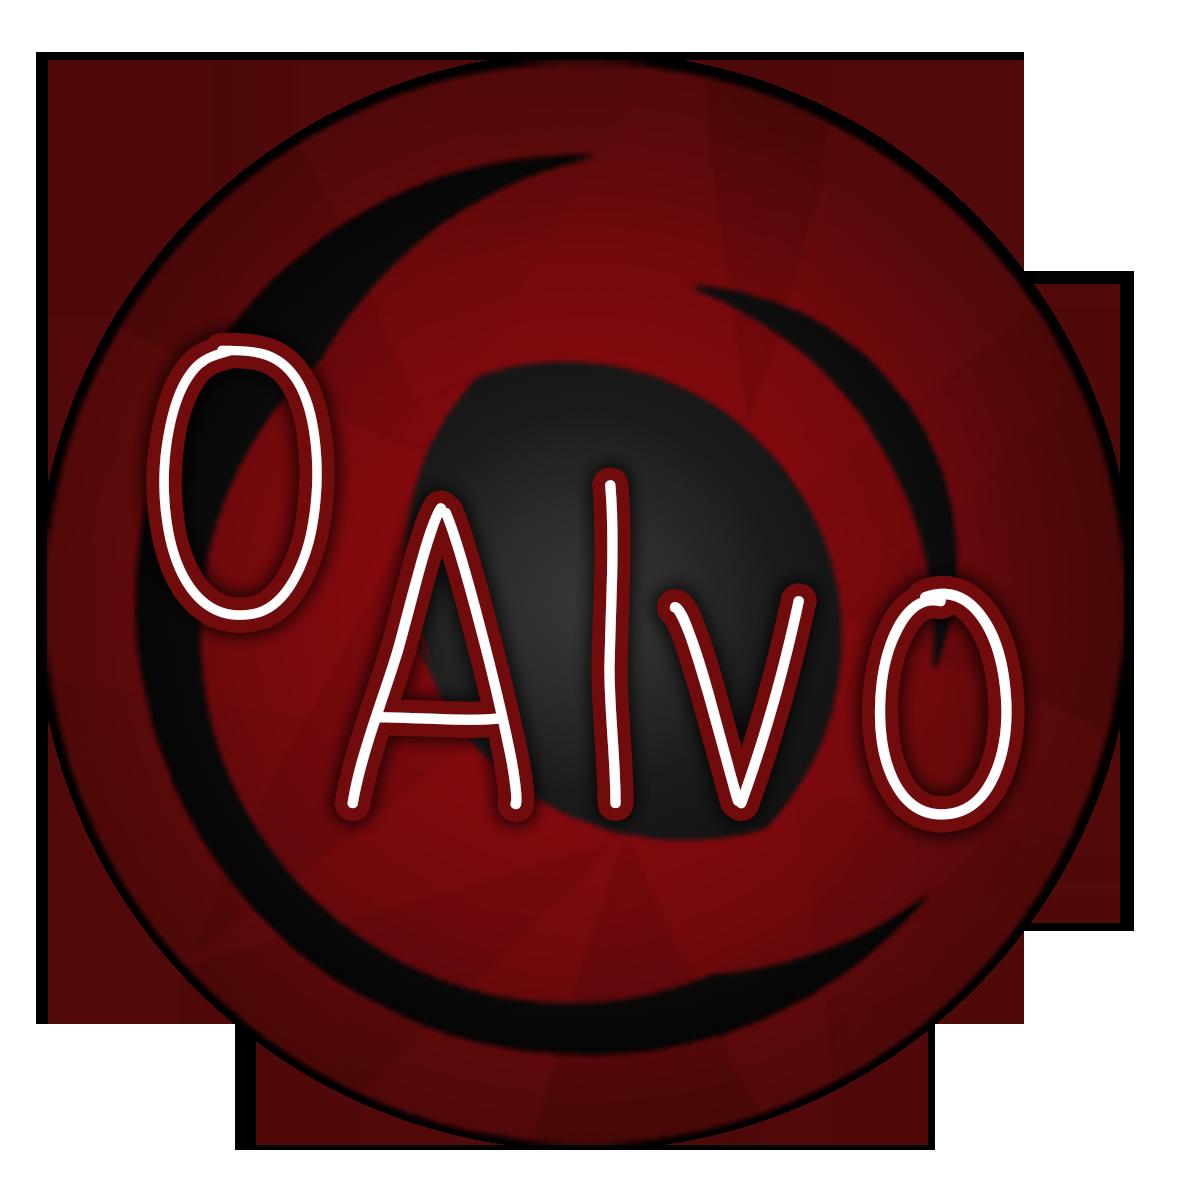 LOGO_-_O_ALVO